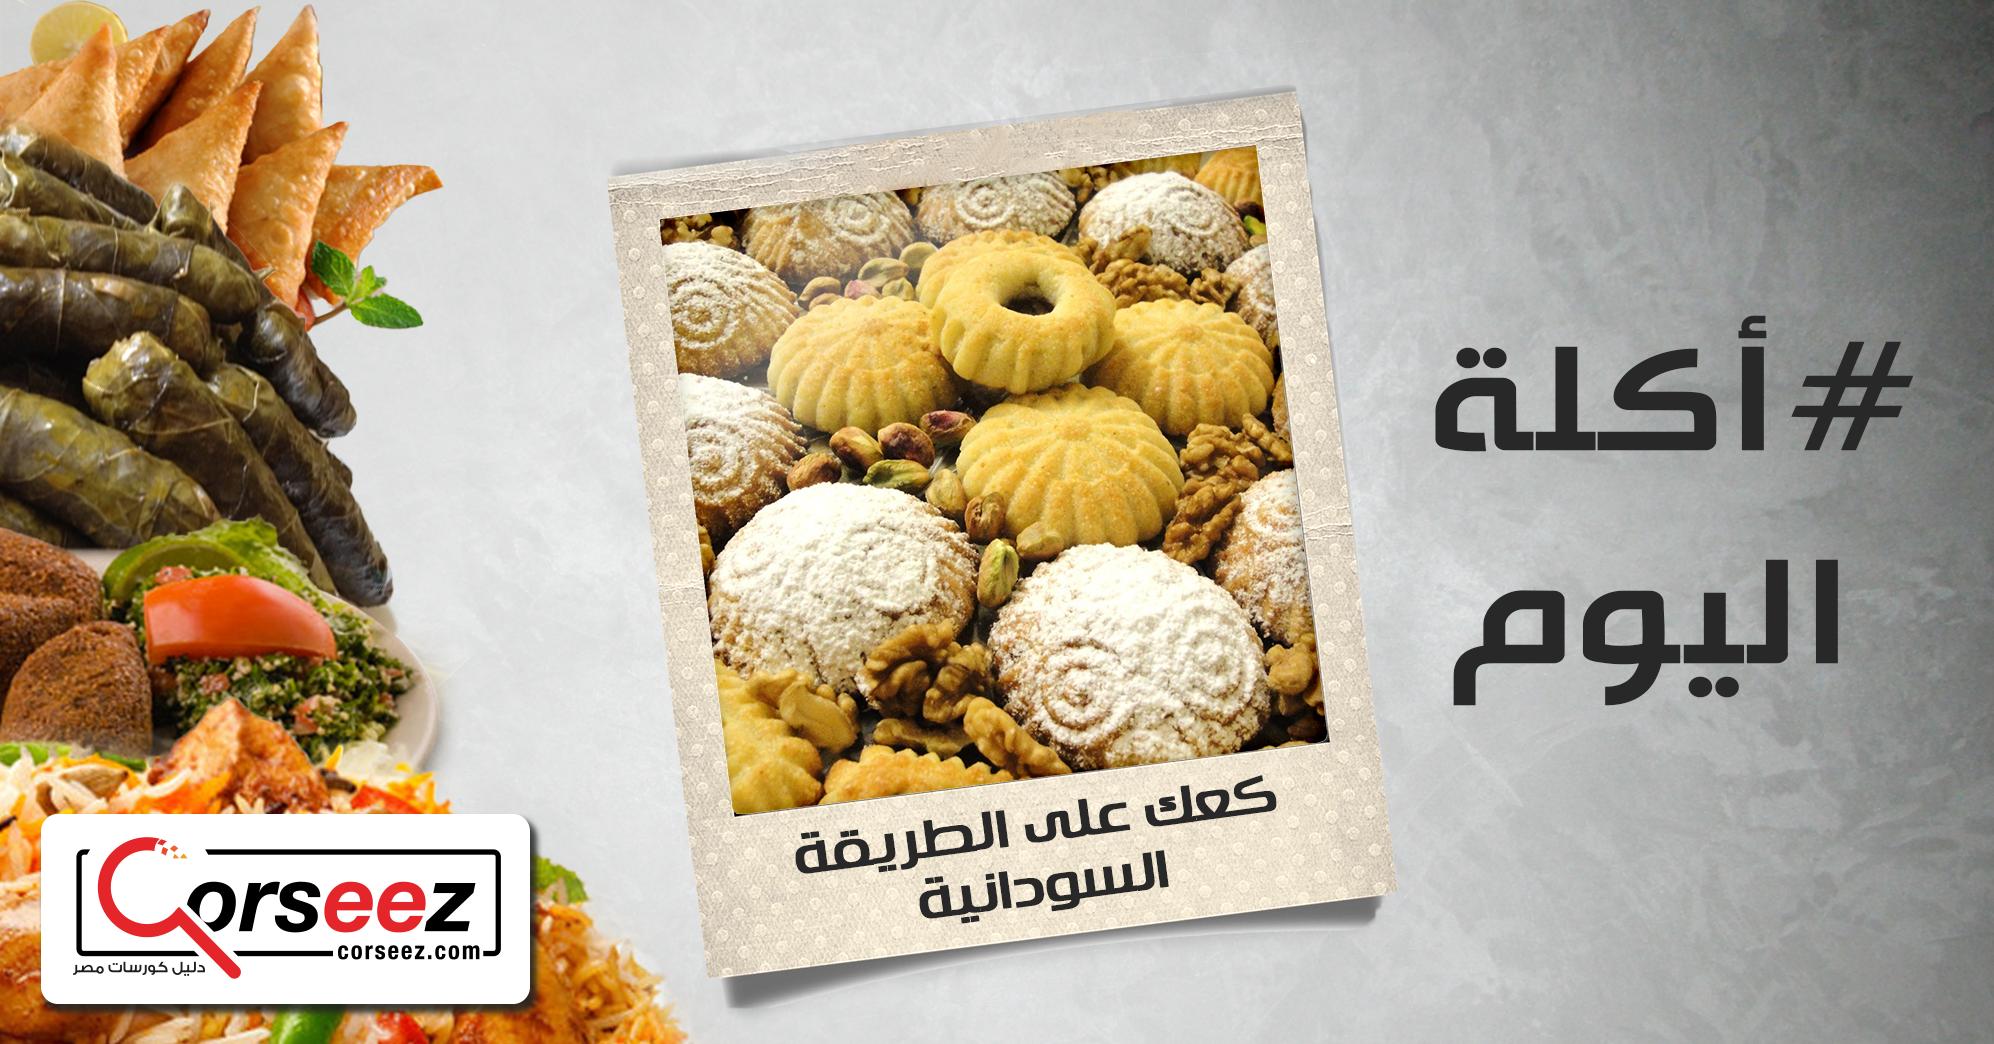 كعك على الطريقة السودانية المقادير 3أكواب دقيق كوب سمن ساخن فنجان سمسم محمص ملعقة كبيرة ملح مقلبة فكوب ماء ملعقة كبيرة ف Ramadan Recipes Food Vegetables